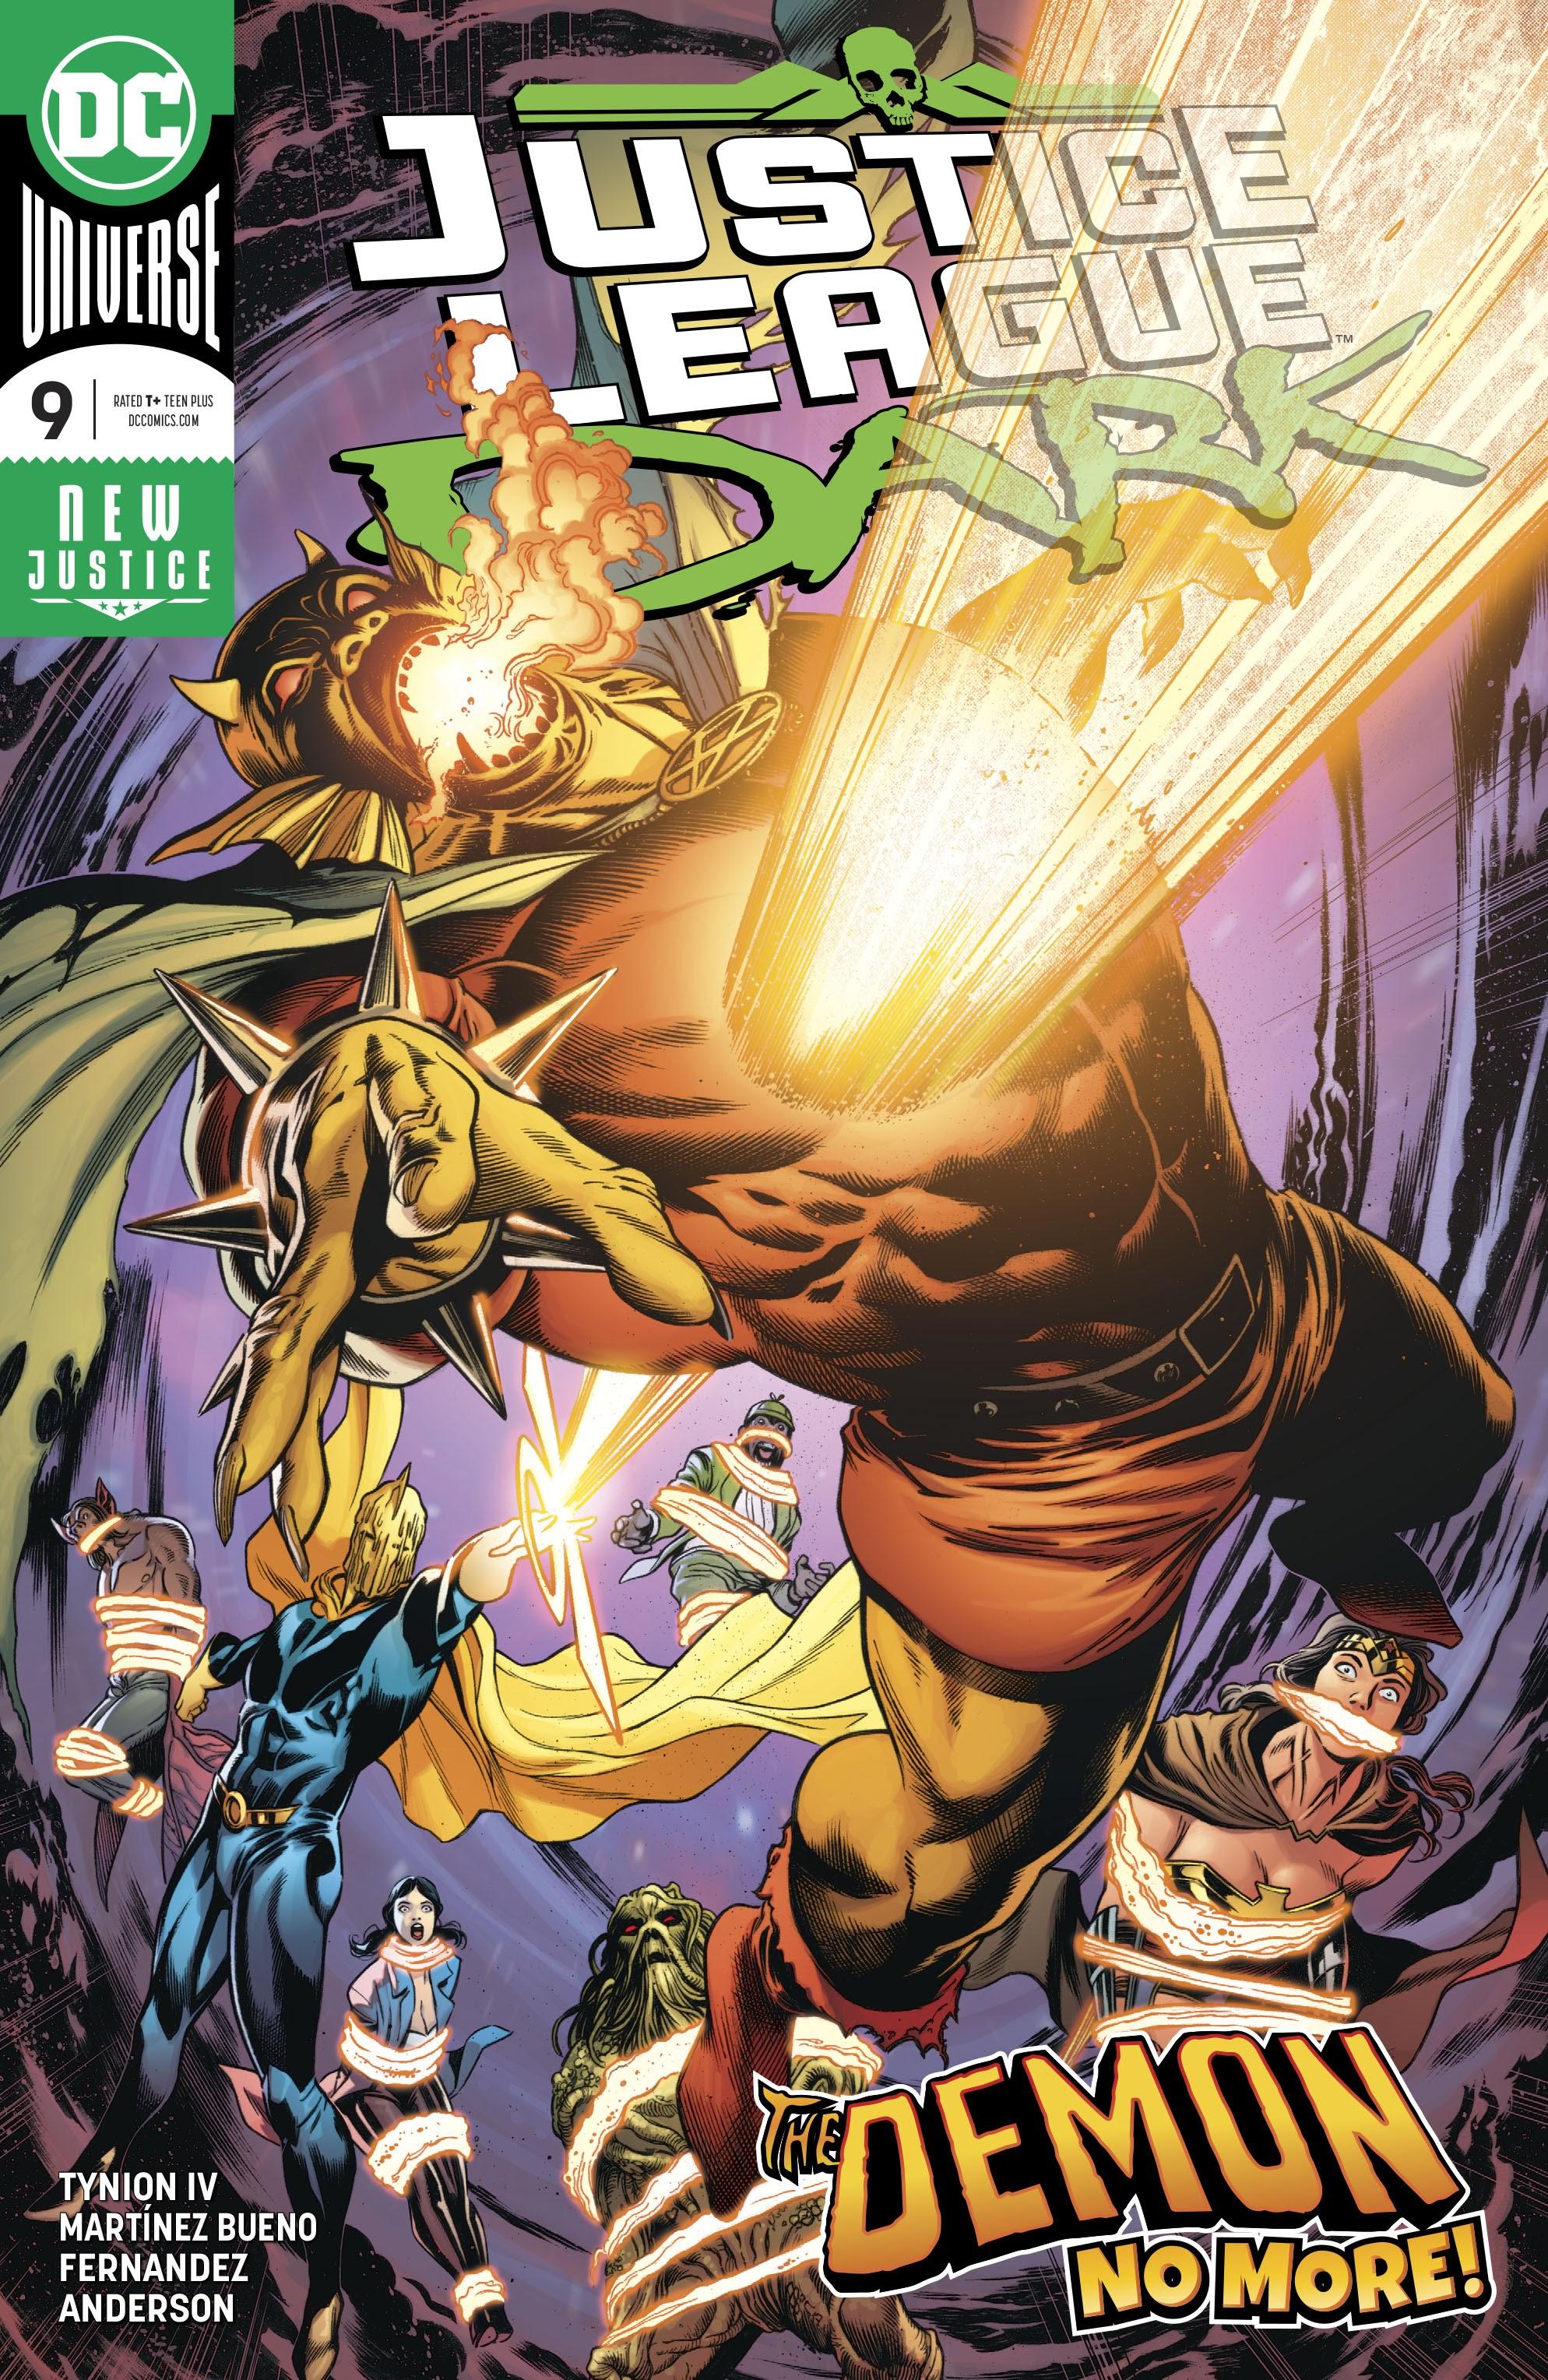 Justice League Dark (2018) 9 Page 1